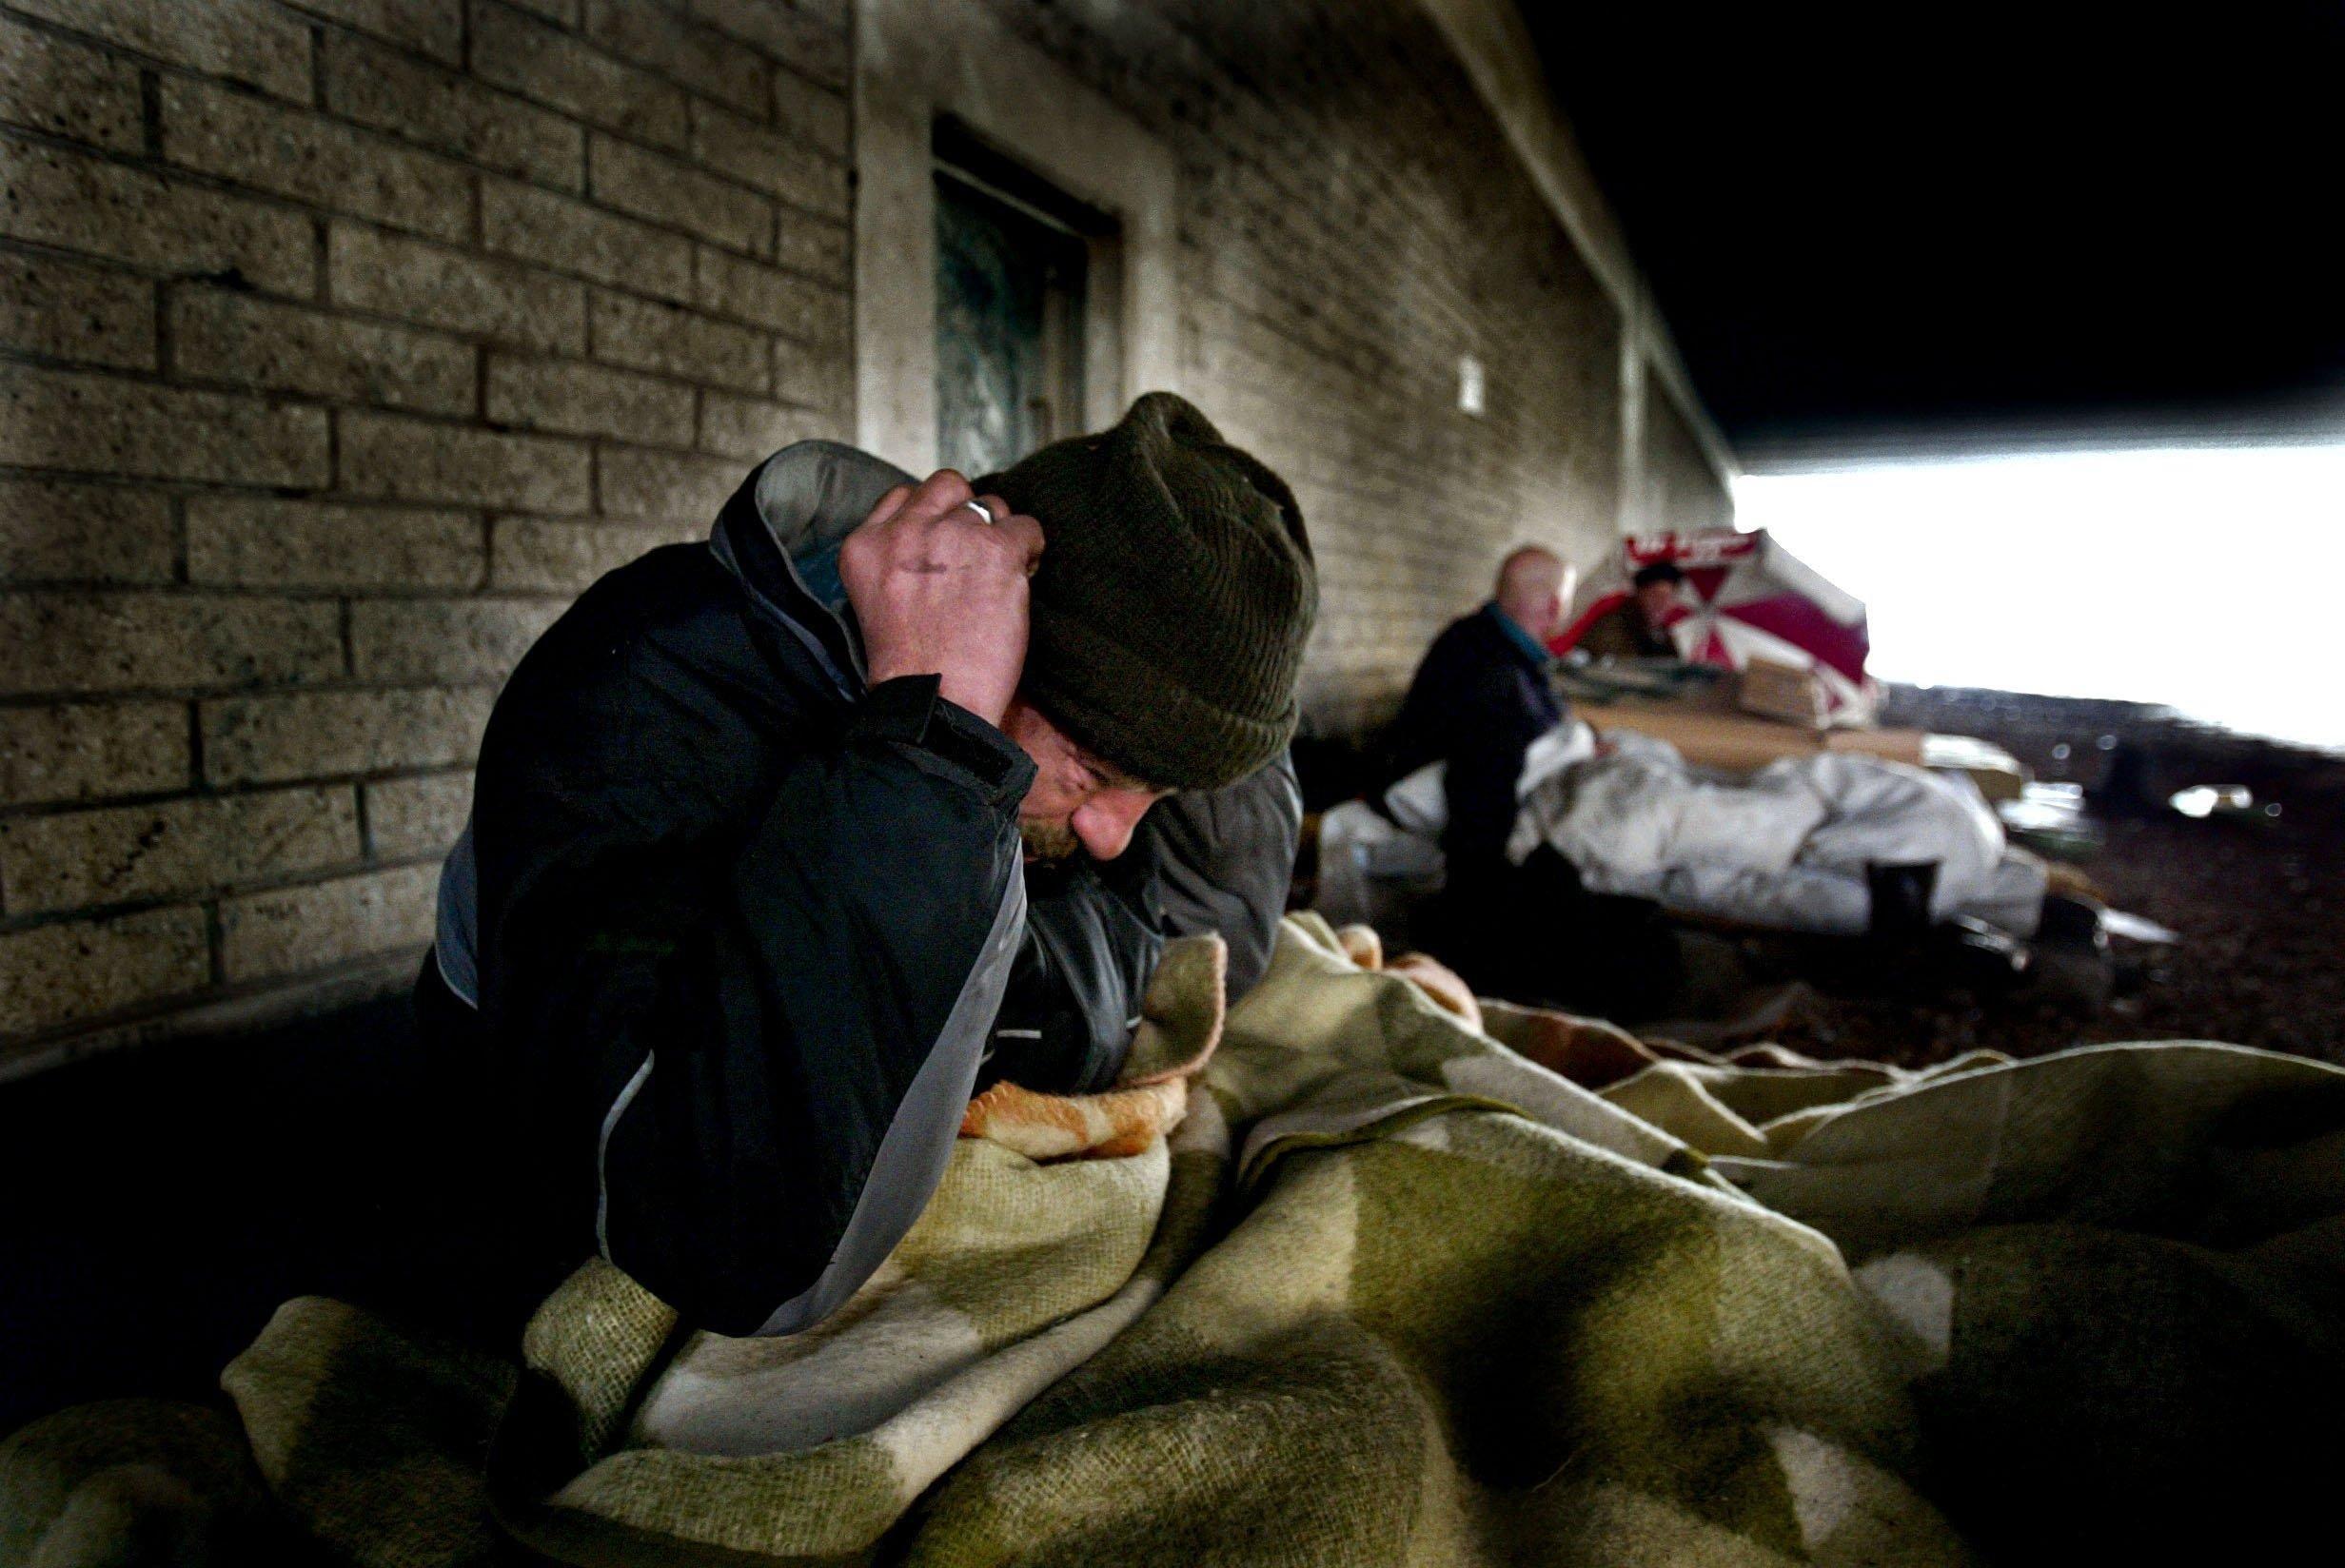 Ernstige zorgen bij Hart voor Hilversum over tekort aan plekken voor daklozen en beschermd wonen